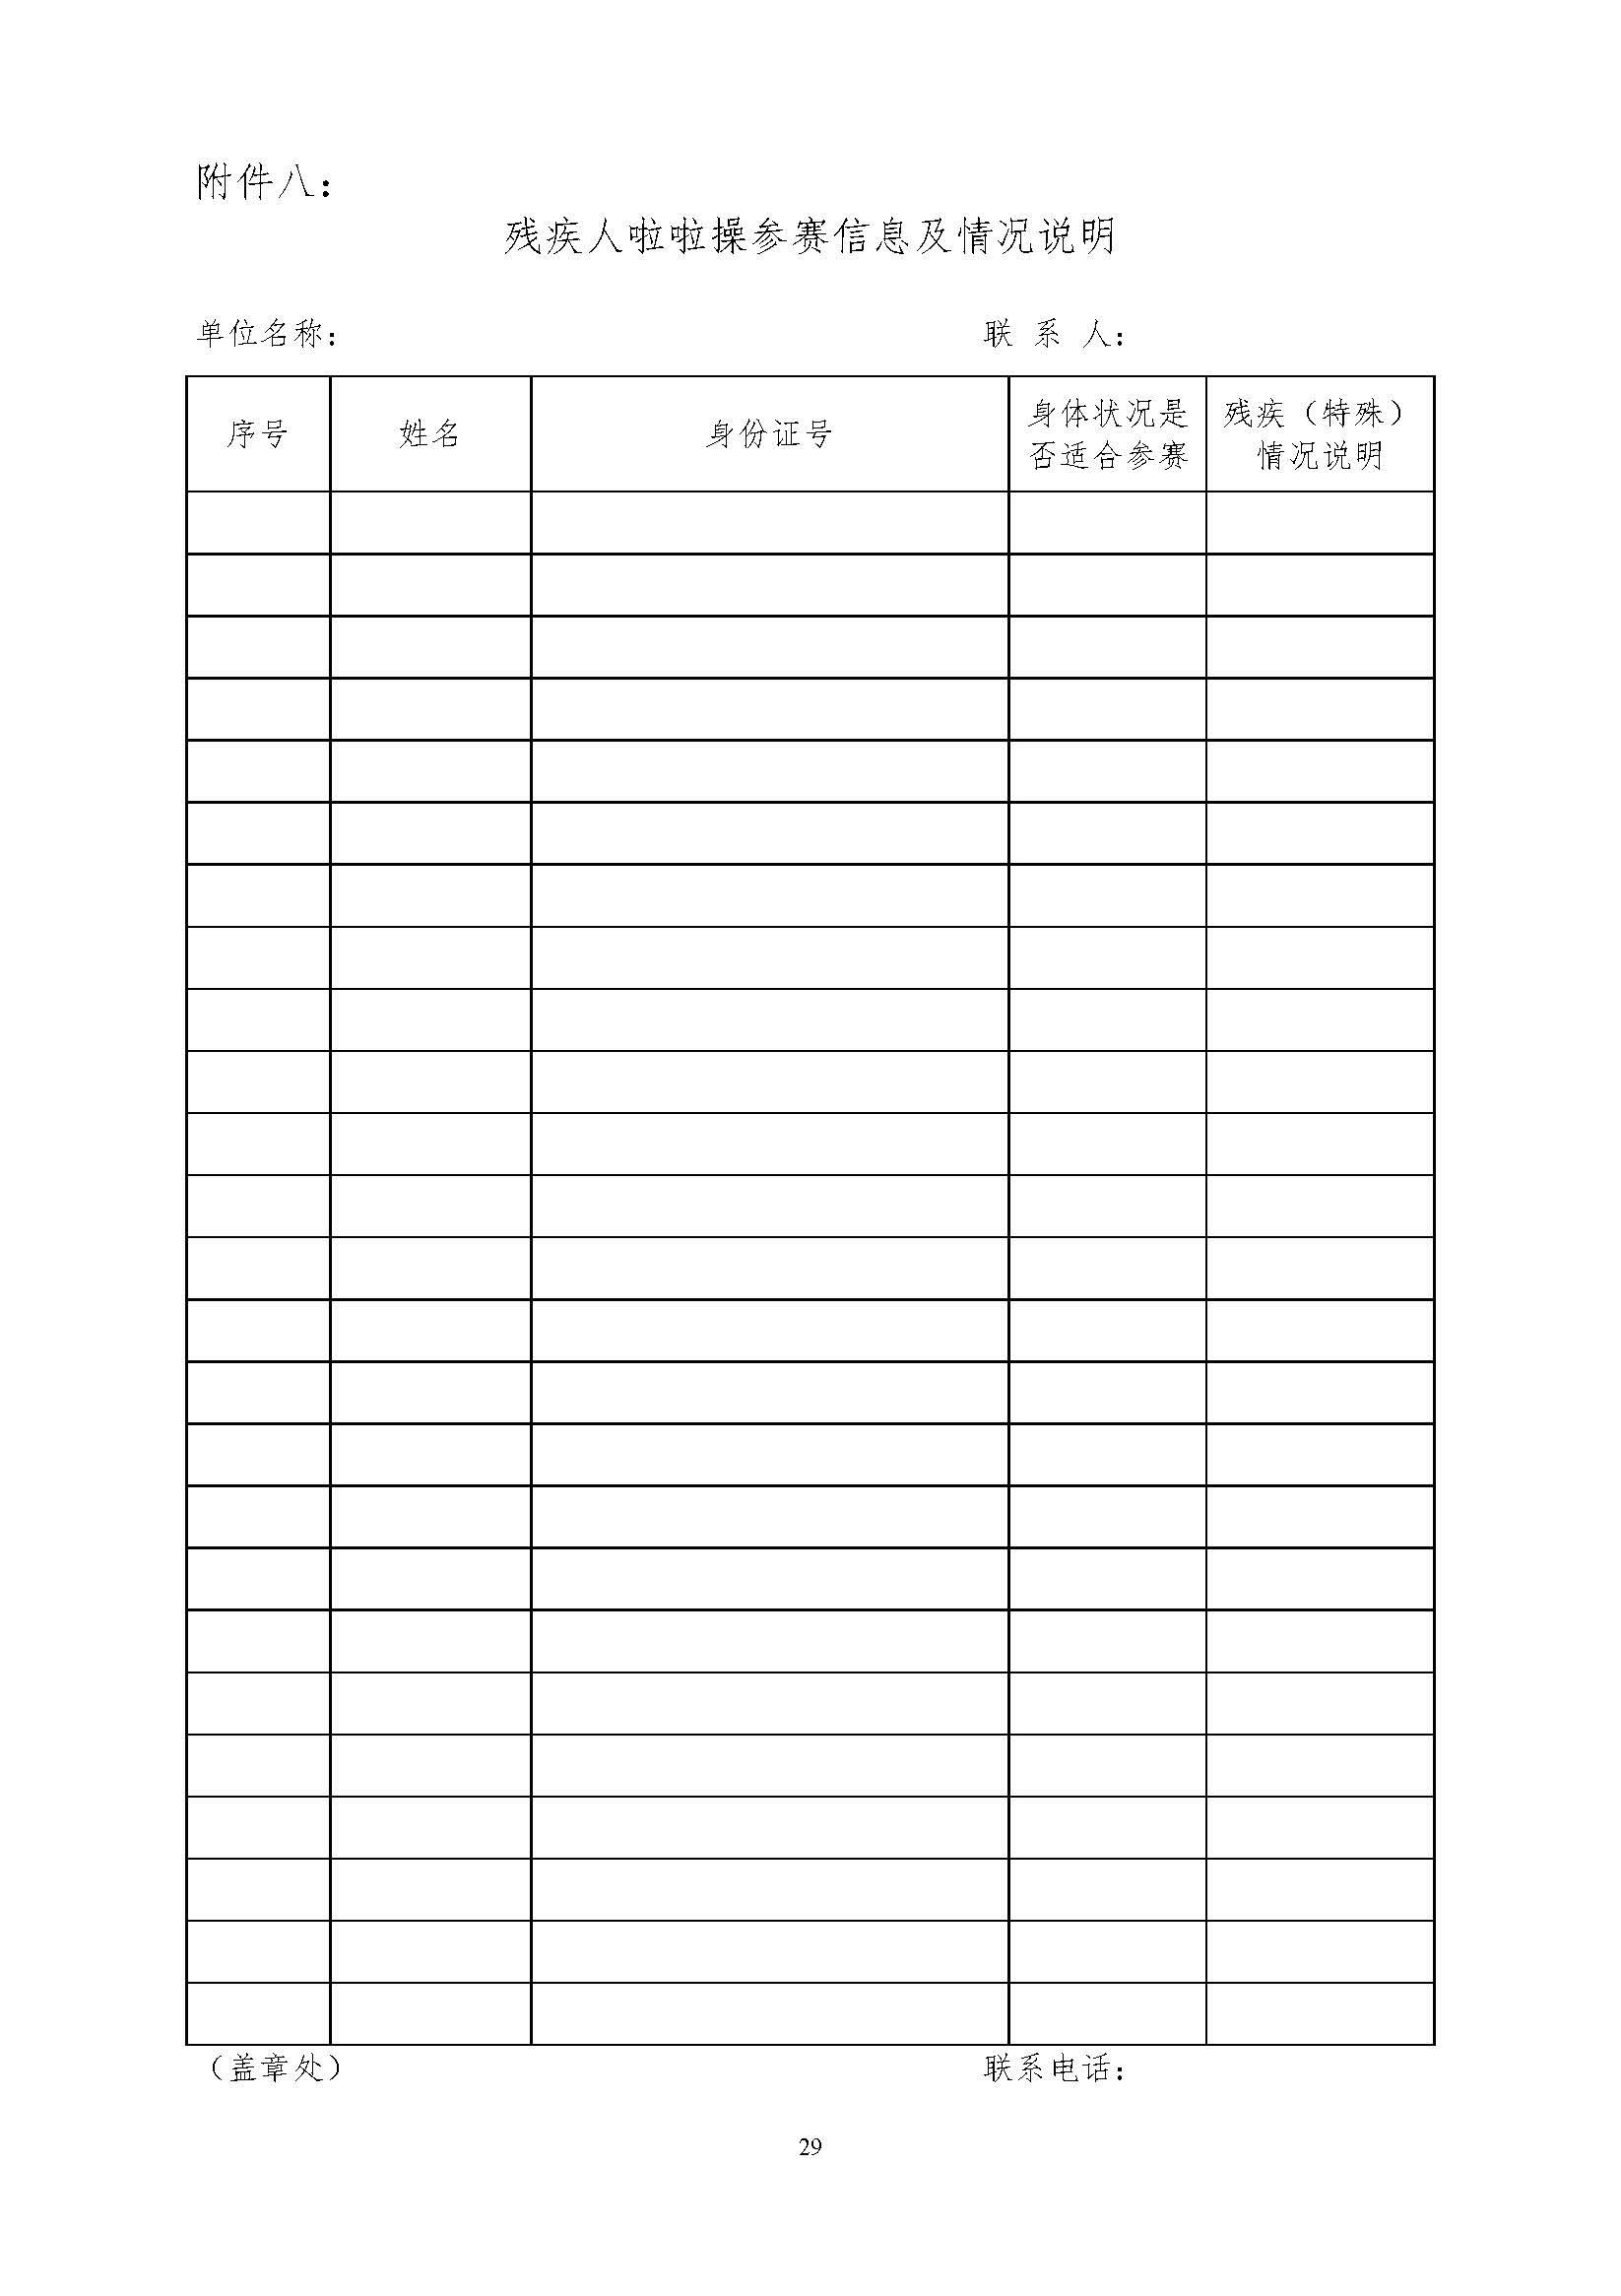 049号-2018年全国啦啦操冠军赛(幼儿组、儿童组和成年组)通知插图(29)